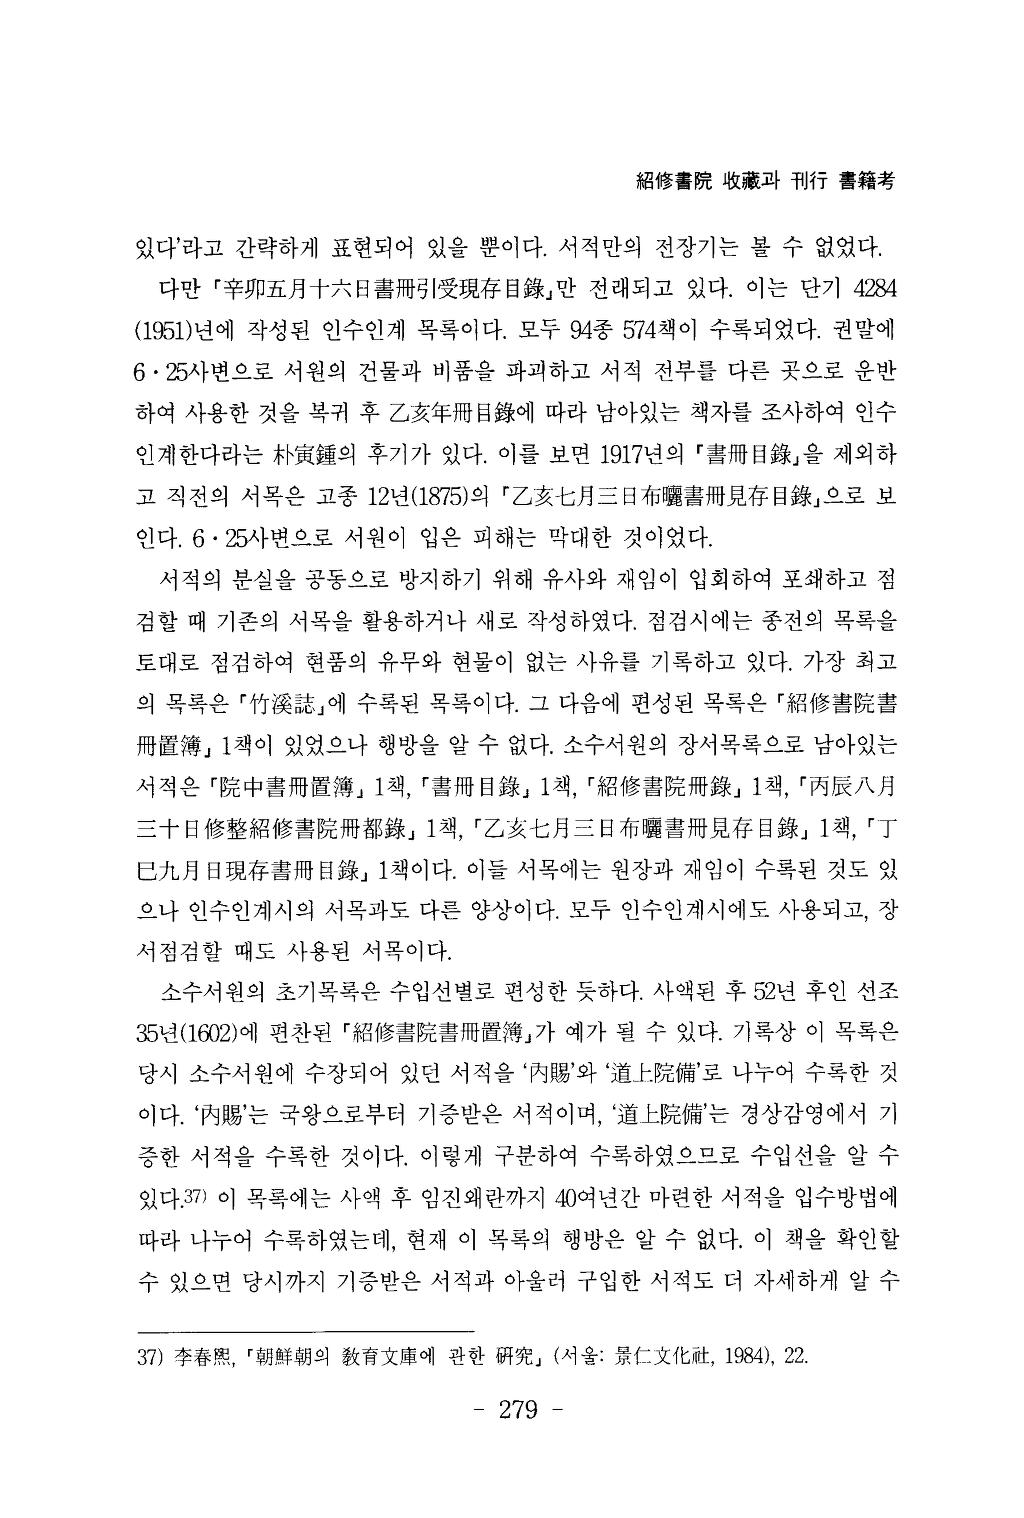 소수서원(紹修書院)_수장(收藏)과_간행_서적고(書籍考)_페이지_17.png